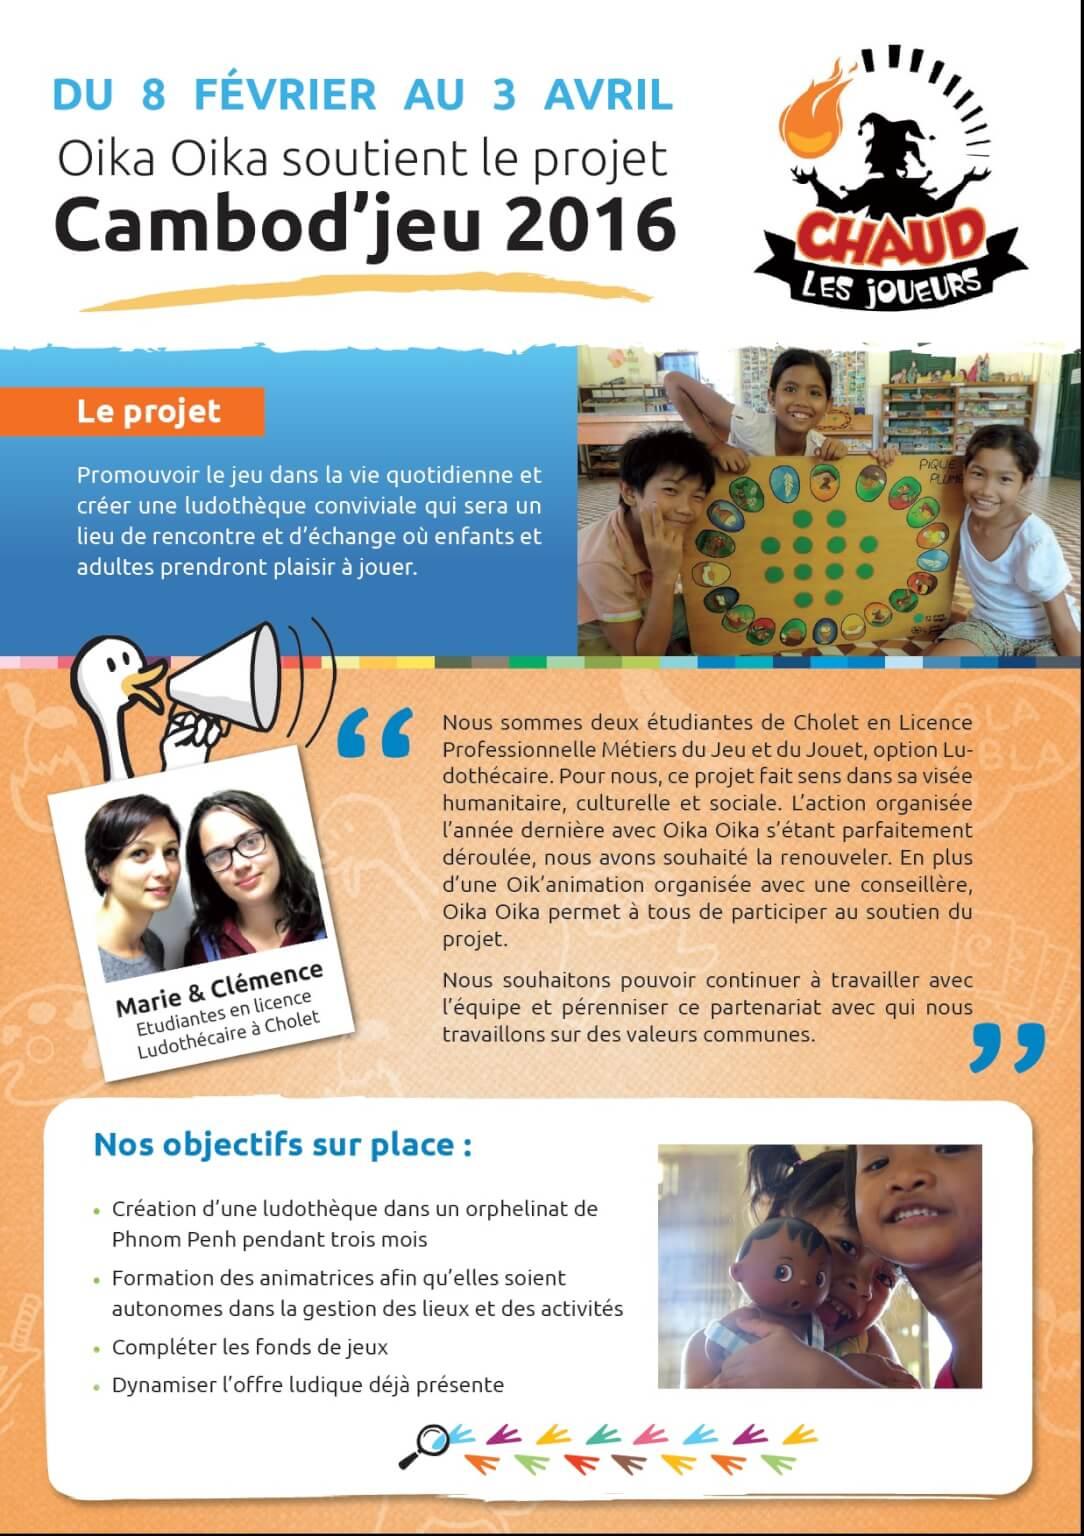 cambodjeu2016